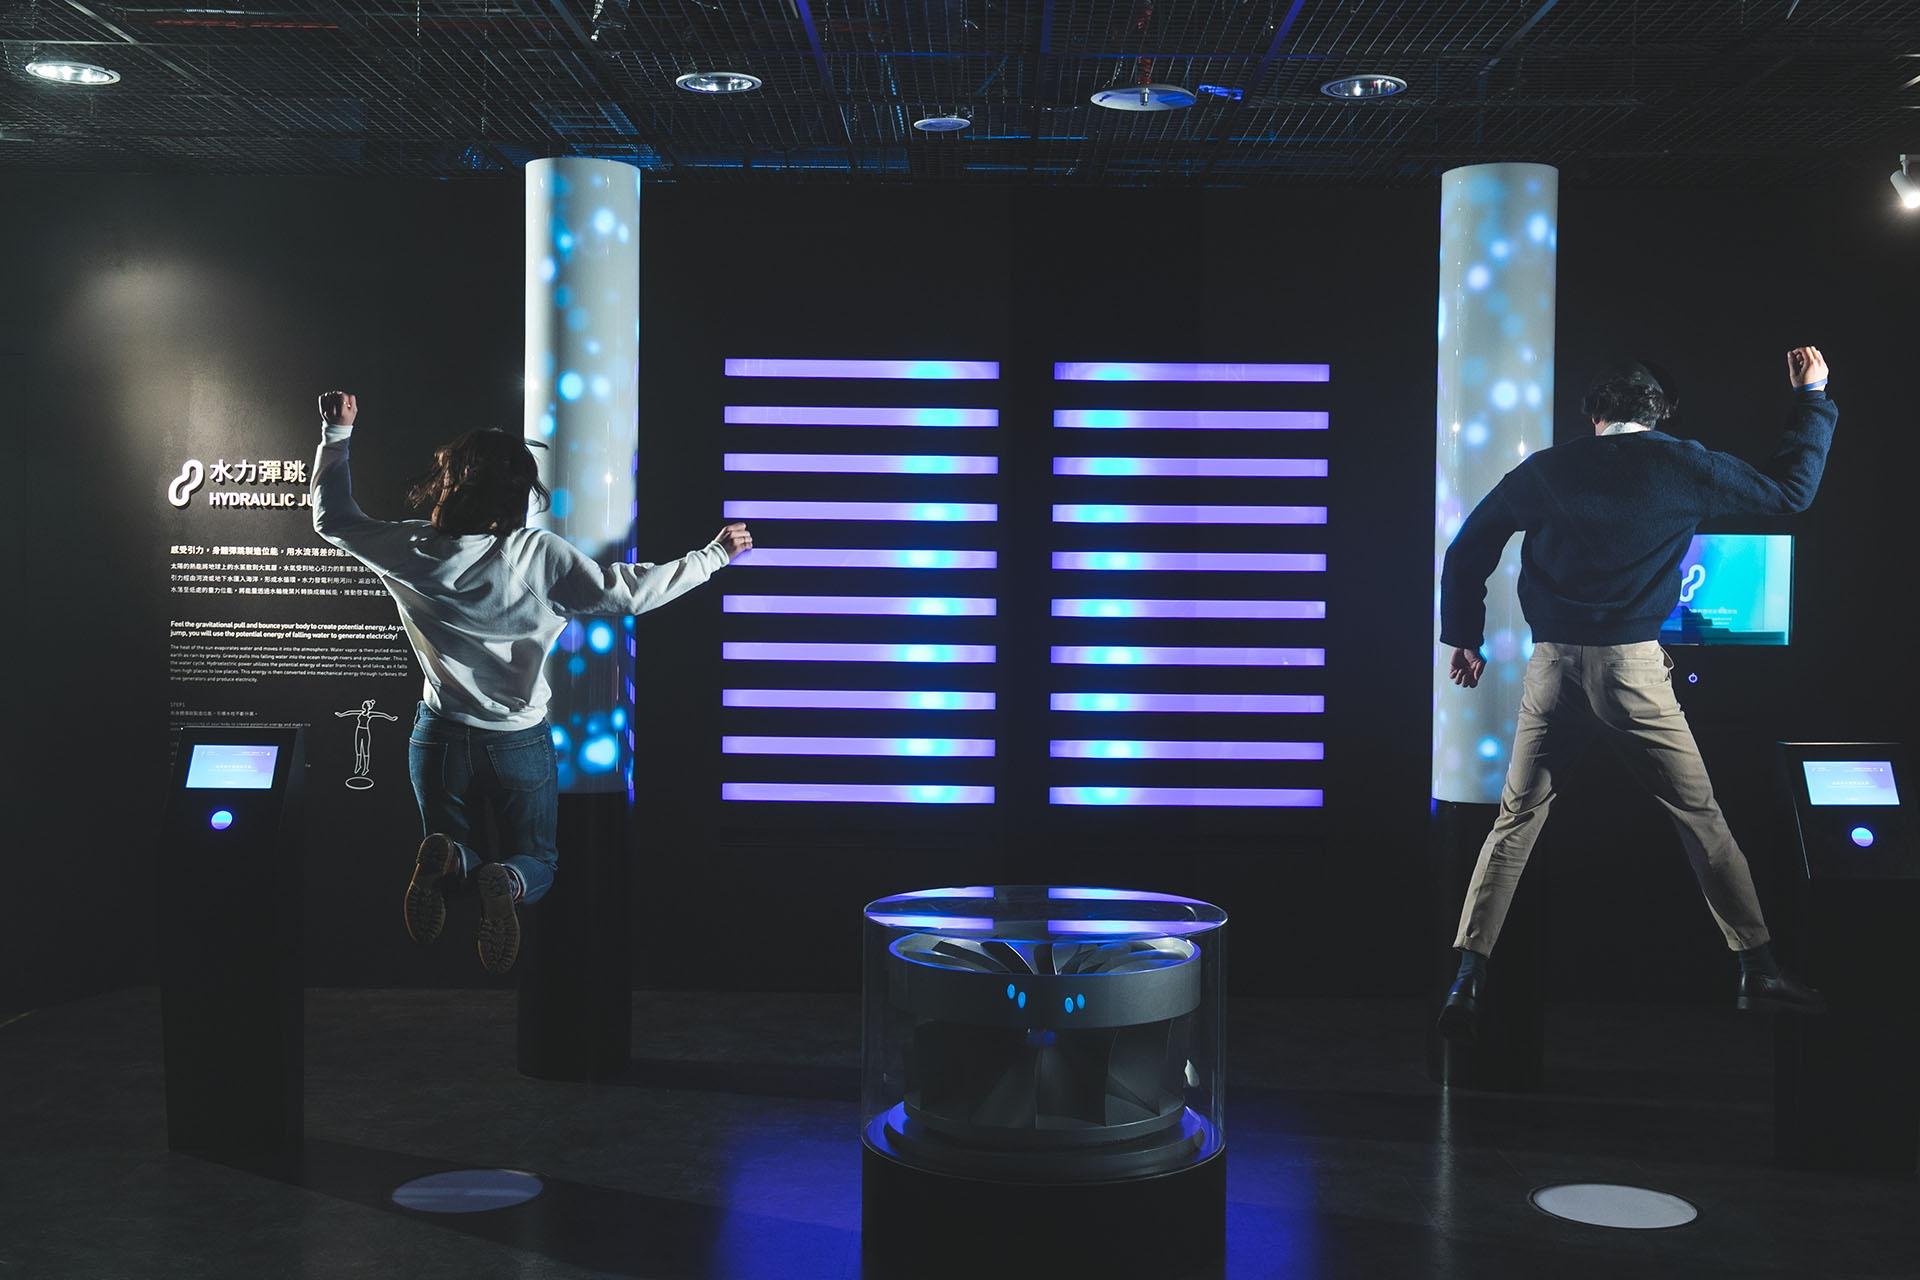 在ENERGYM裡可以親身感受不同能源特色與科學發電原理,項目包含水力彈跳、風力舞踏、光伏運動、波浪戰繩和地熱飛輪。